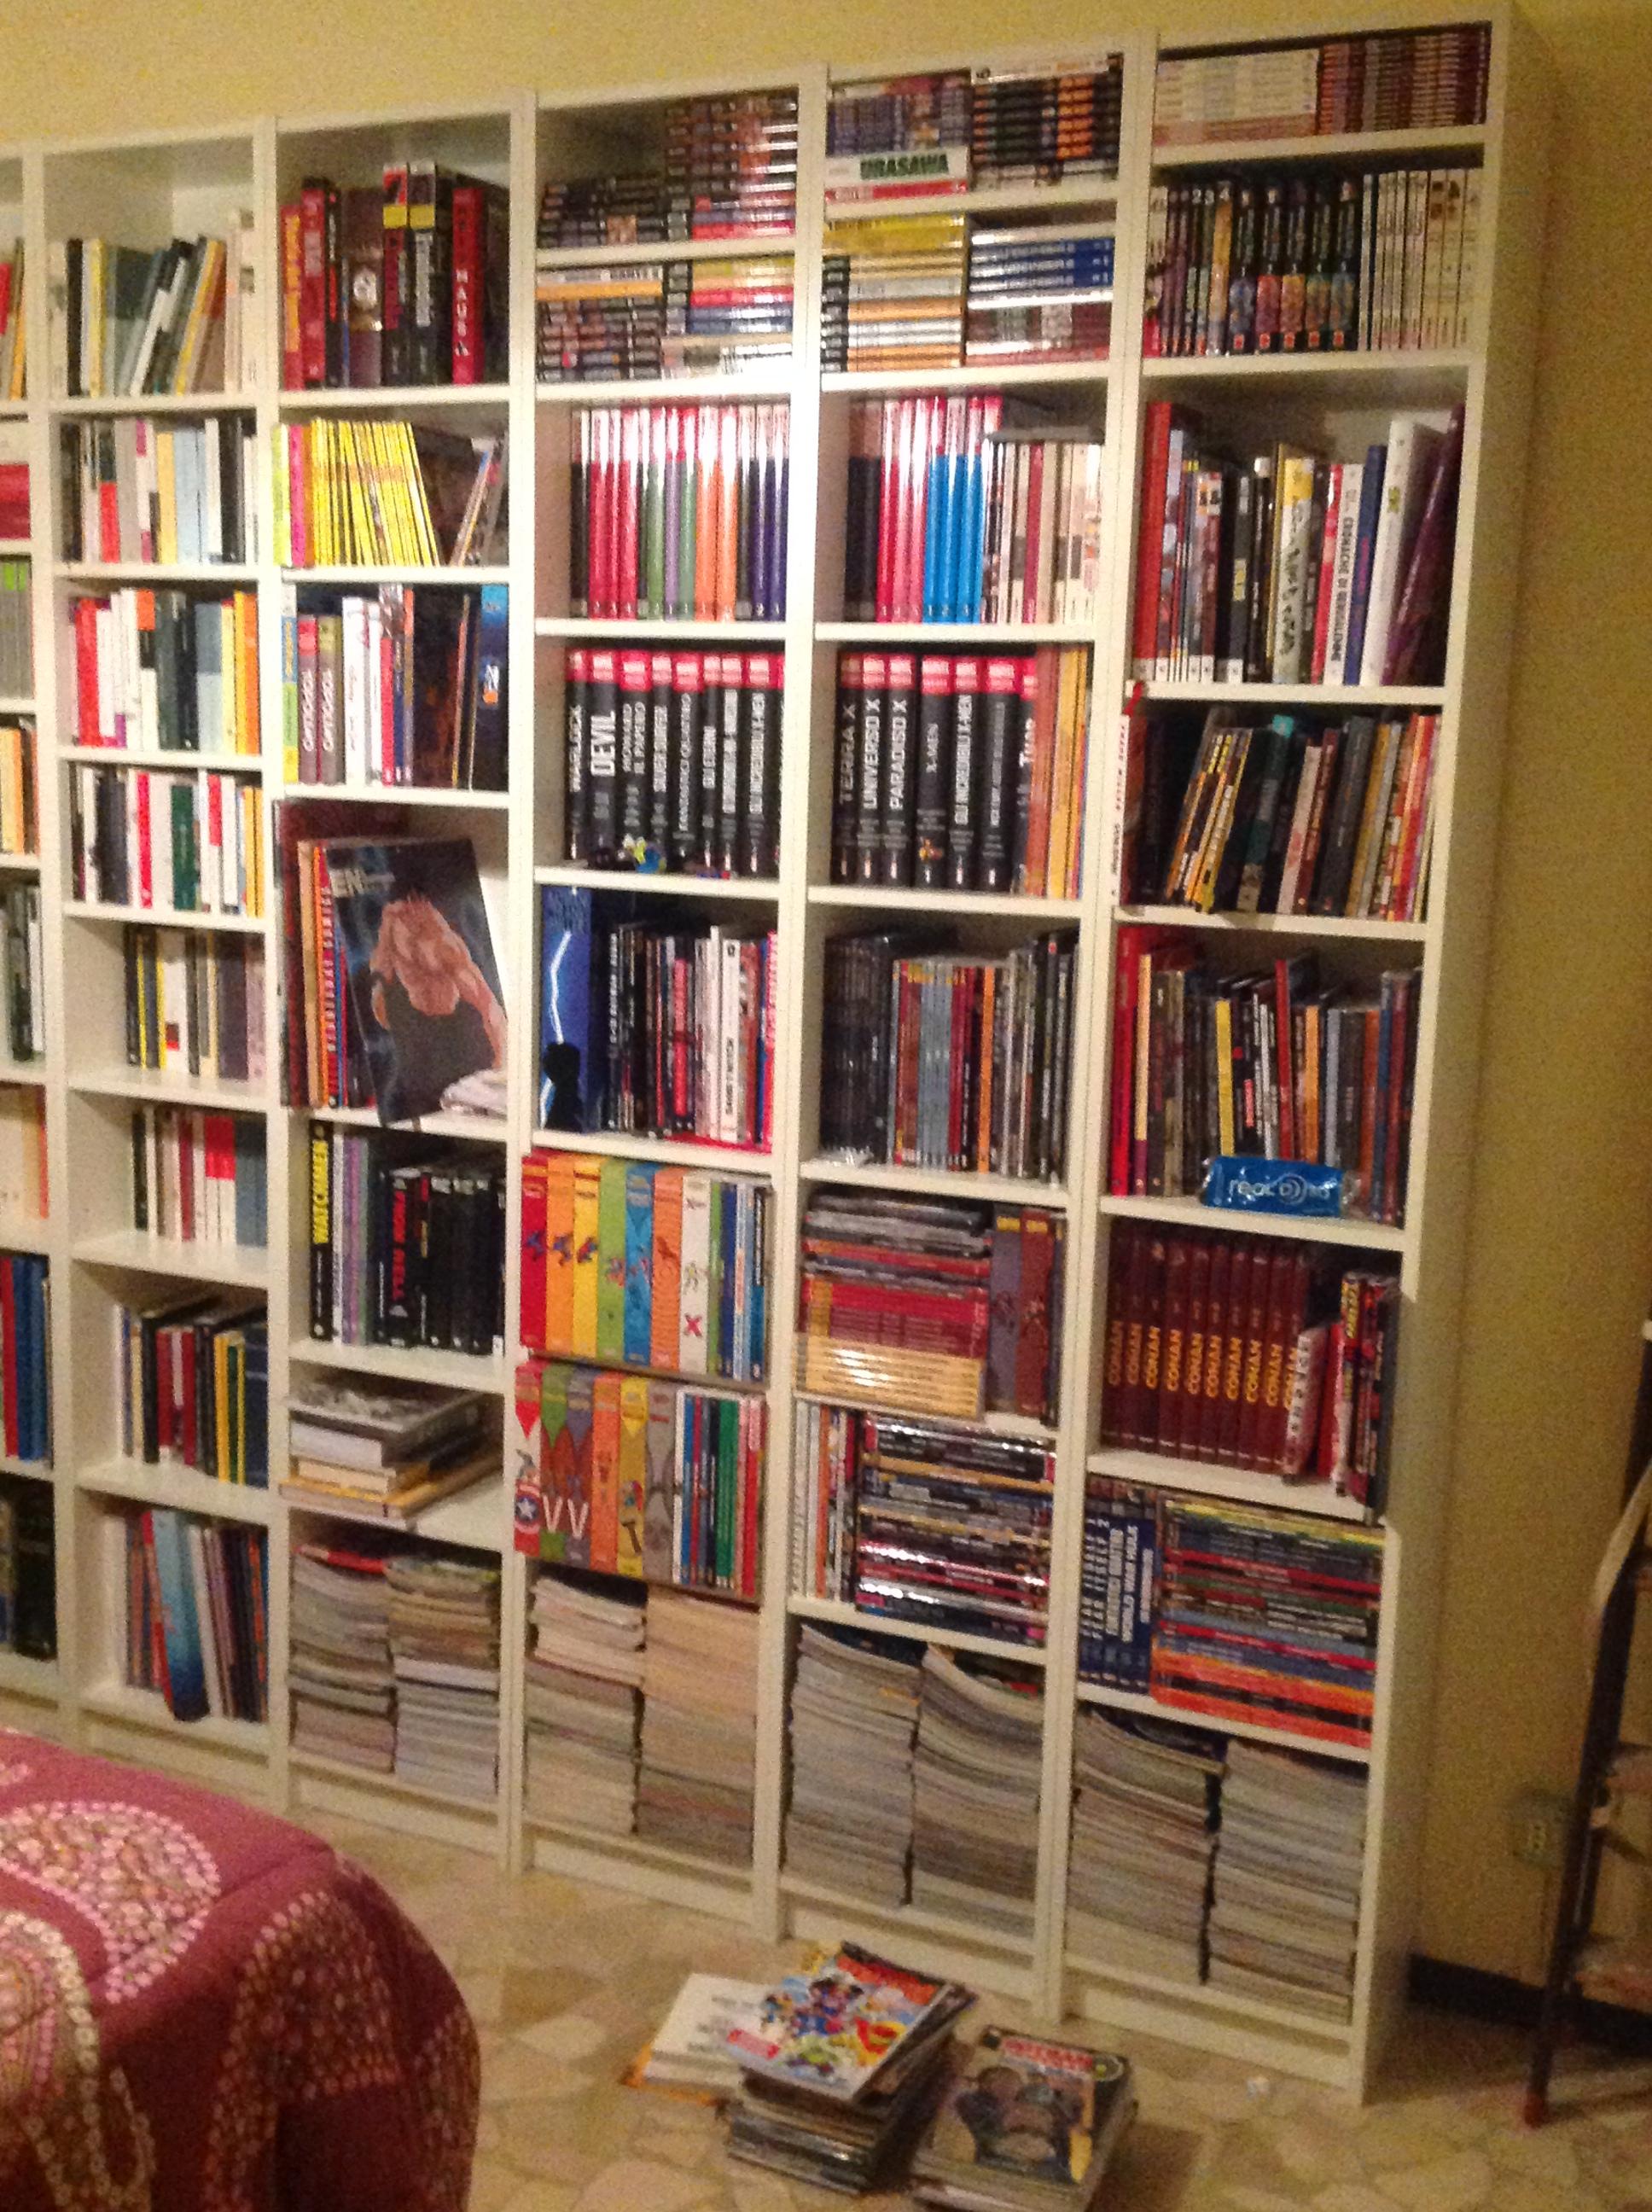 Libreria e fumetti organizzazione e cuore nerdsopolis - Organizzare le pulizie di casa quando si lavora ...